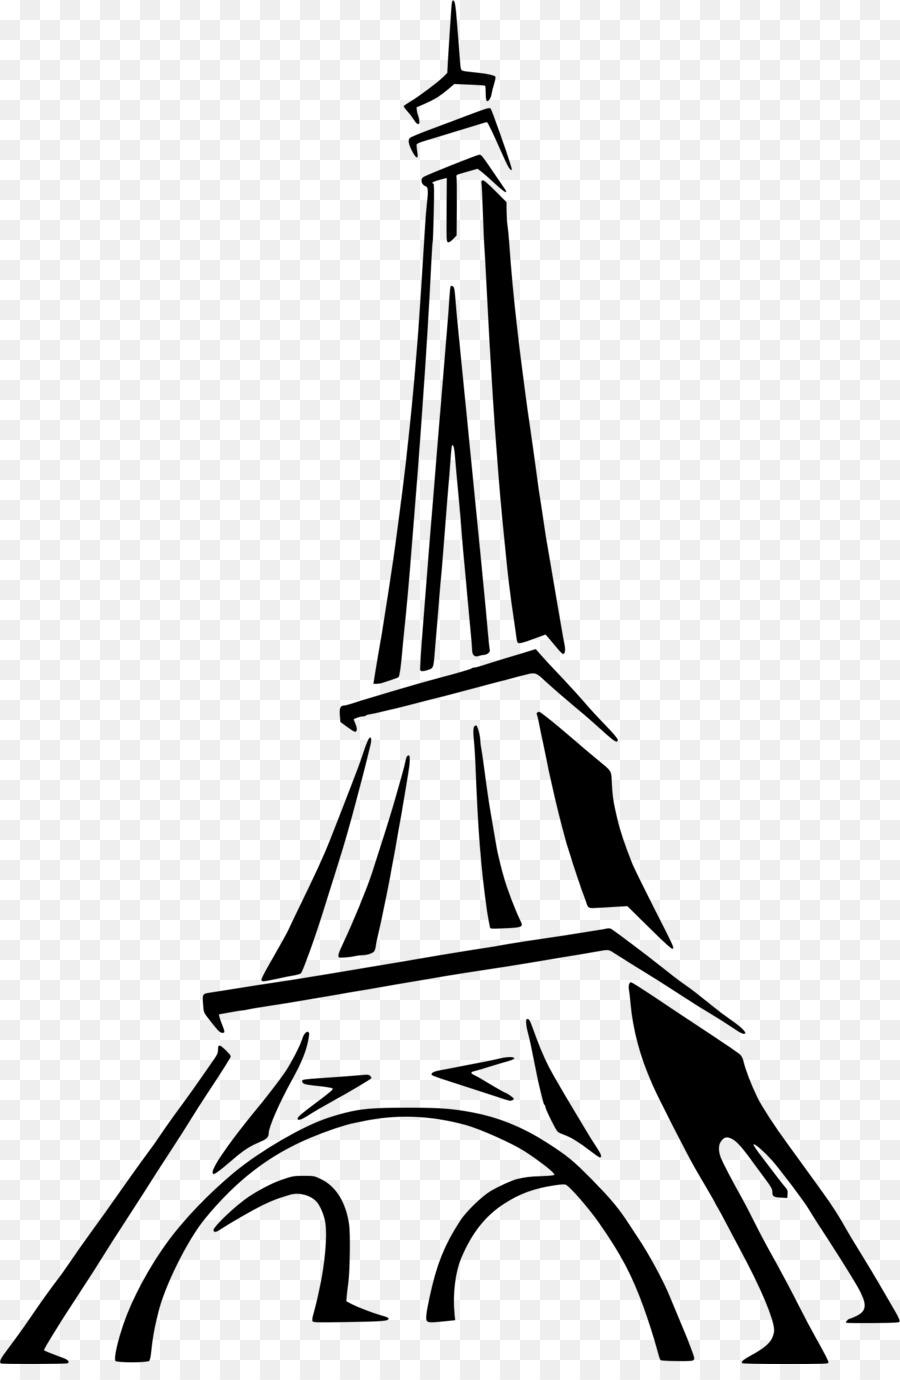 900x1380 Eiffel Tower Drawing Sketch